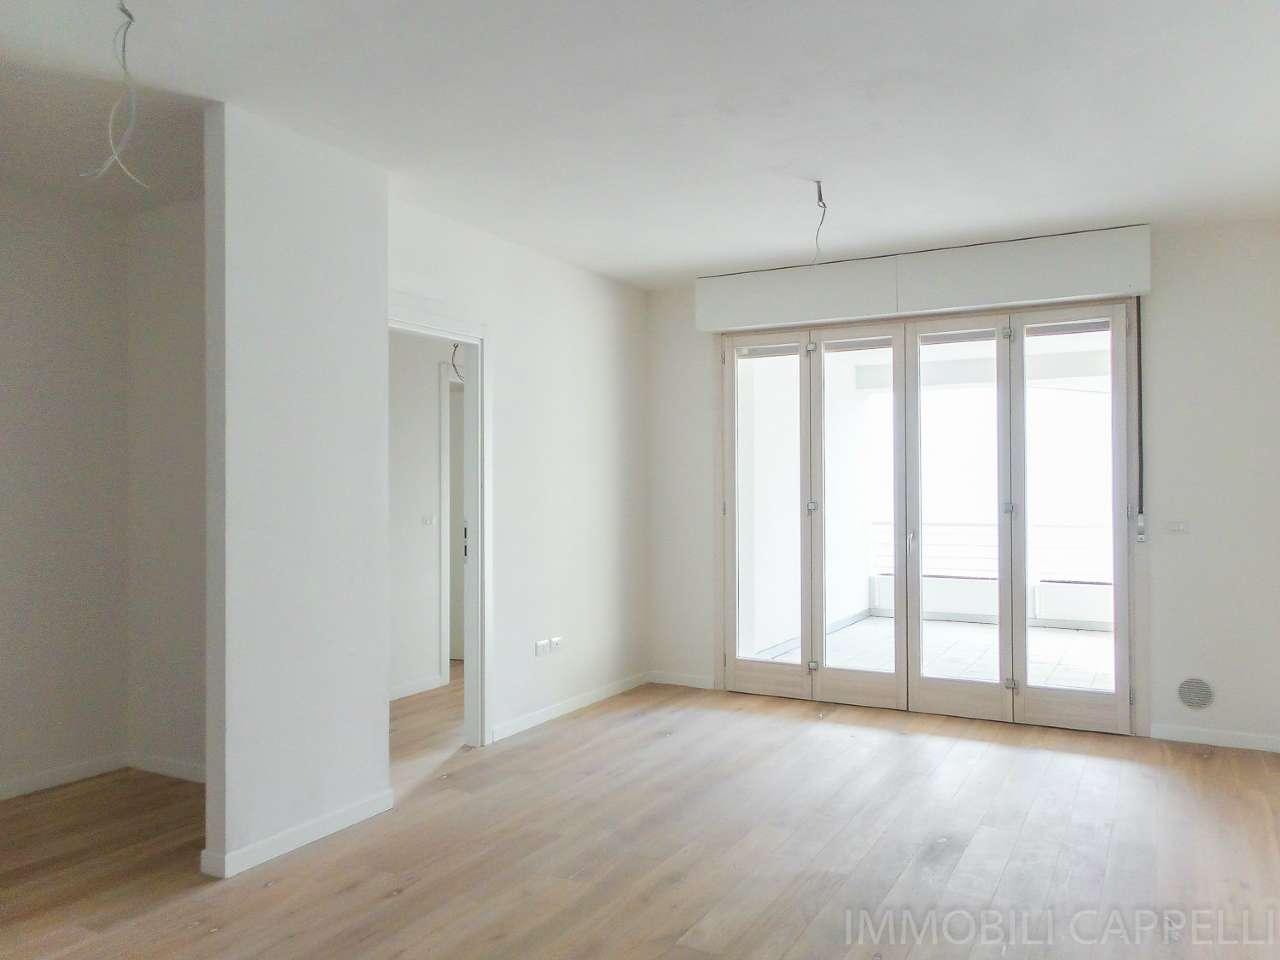 Appartamento in vendita a Cesena, 3 locali, prezzo € 149.000   CambioCasa.it